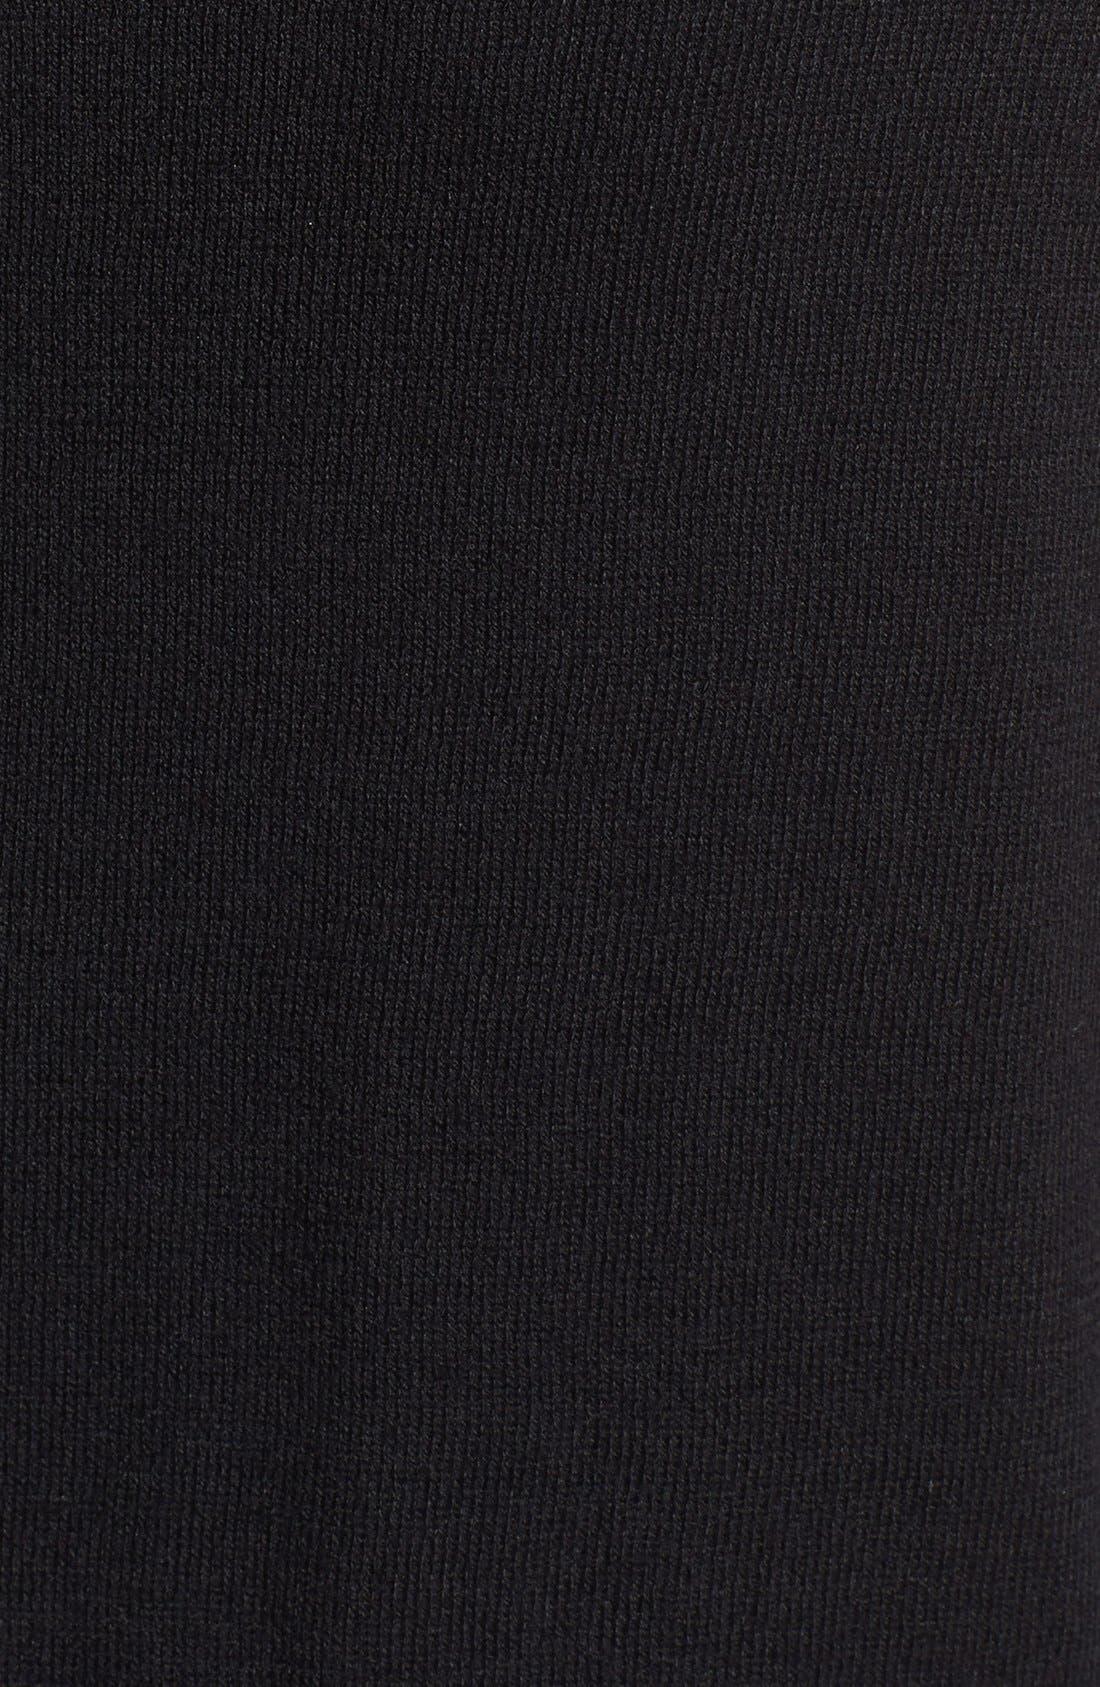 Alternate Image 3  - Vince Camuto Colorblock Cotton Blend Crewneck Cardigan (Petite)